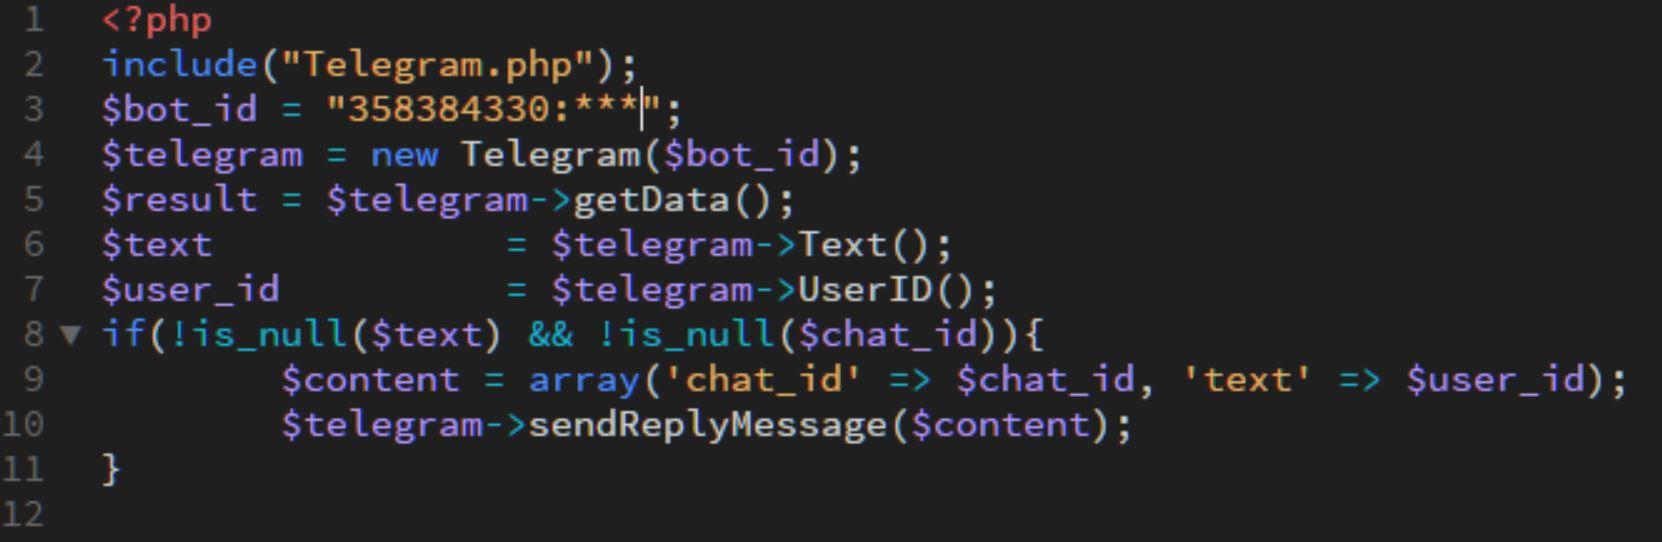 ساخت ربات تلگرام با 10 خط کُد PHP!